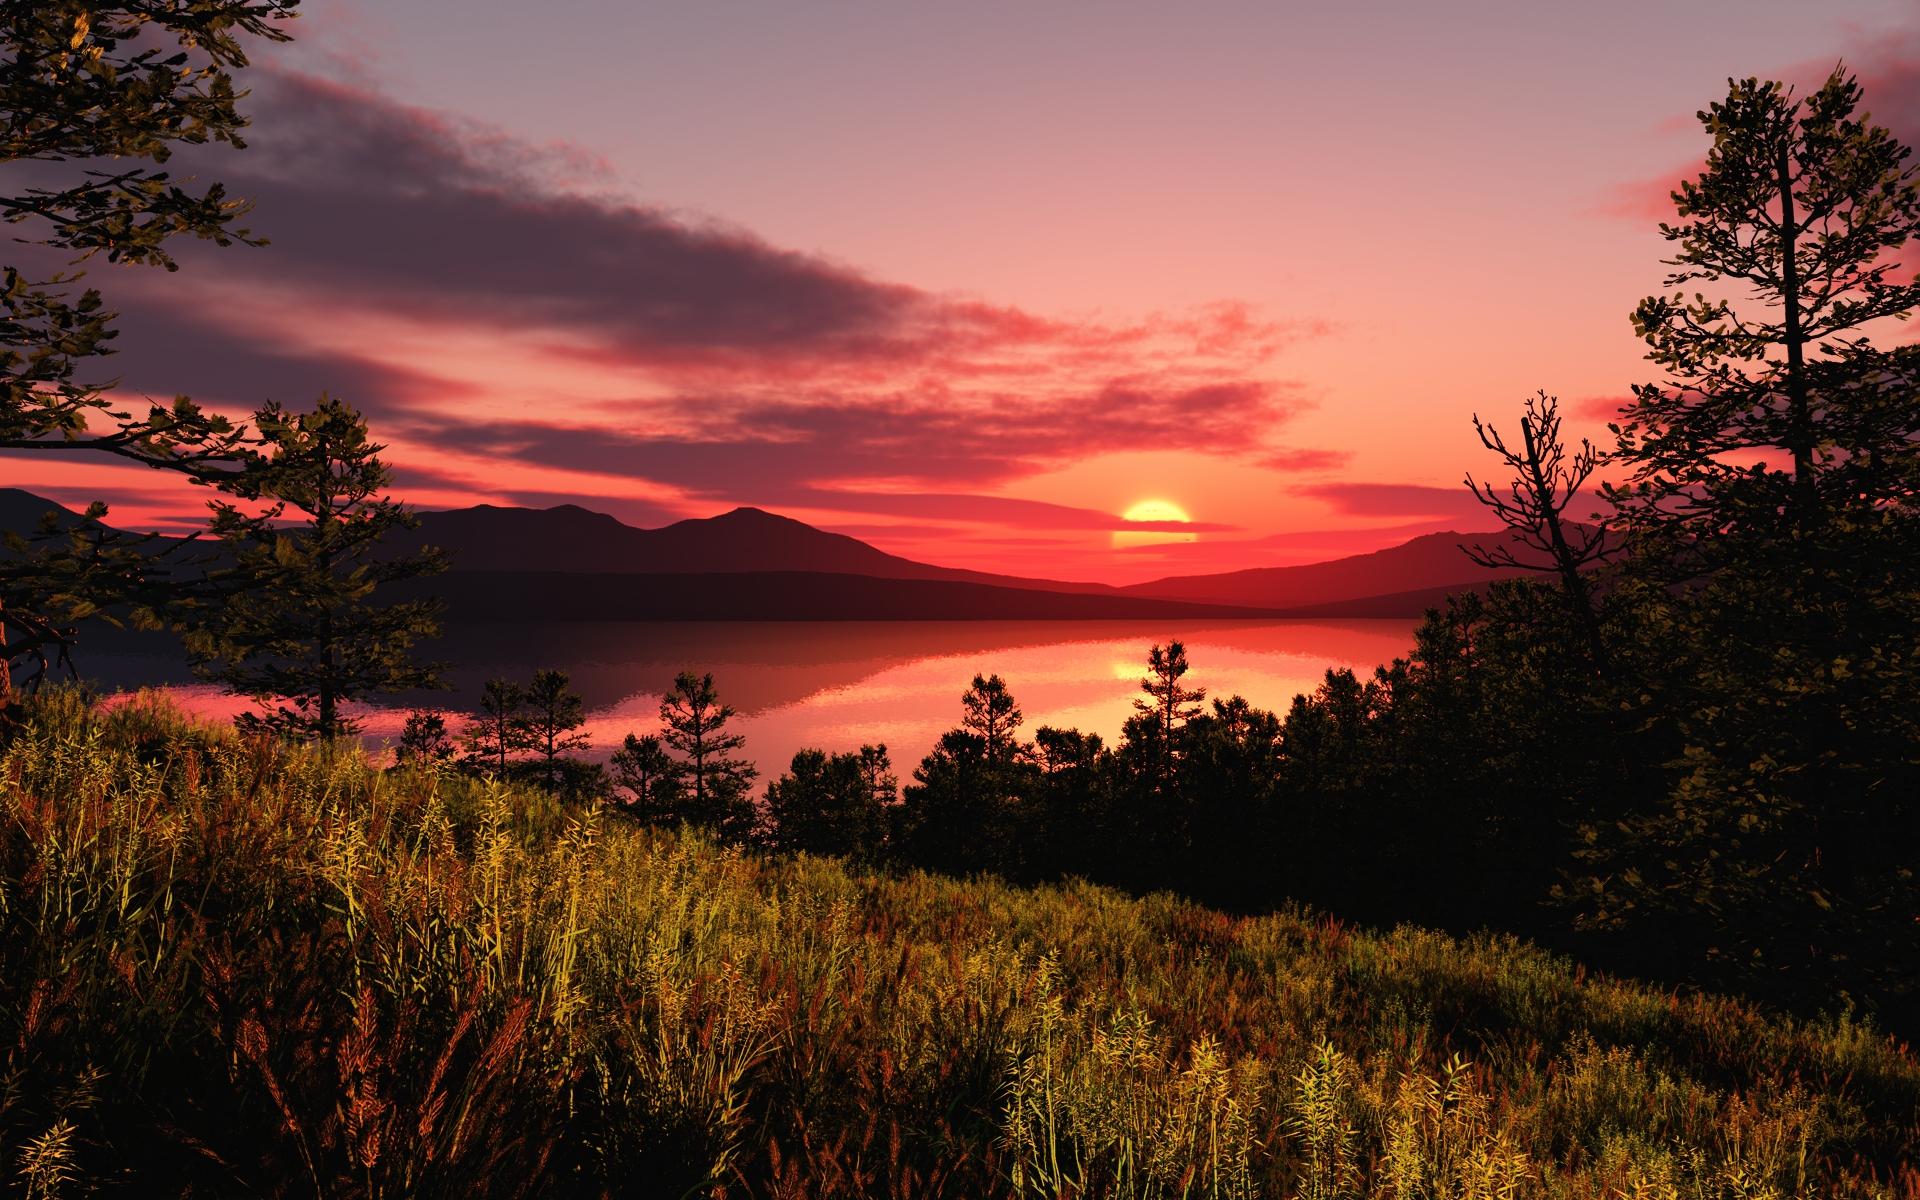 вот красивые картинки пейзаж закат мысли том